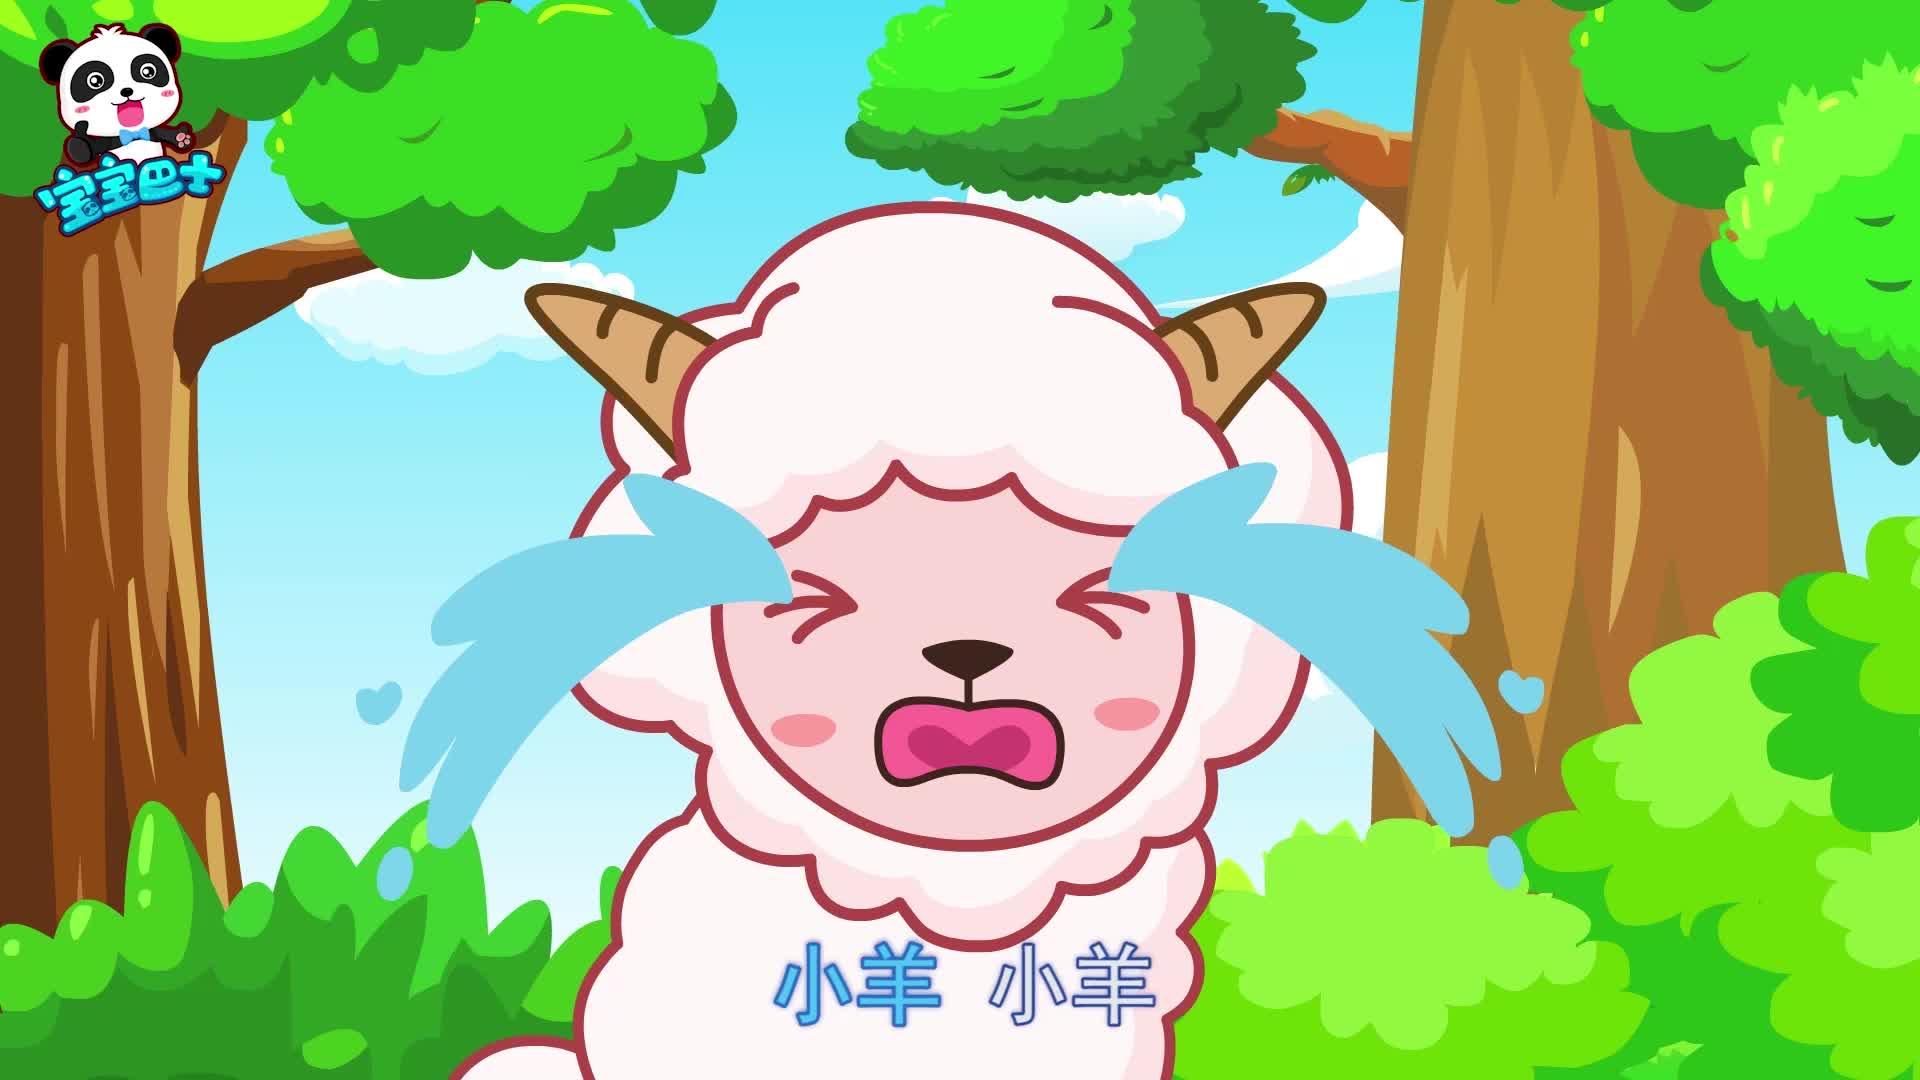 宝宝巴士儿歌 第80集 小羊小羊